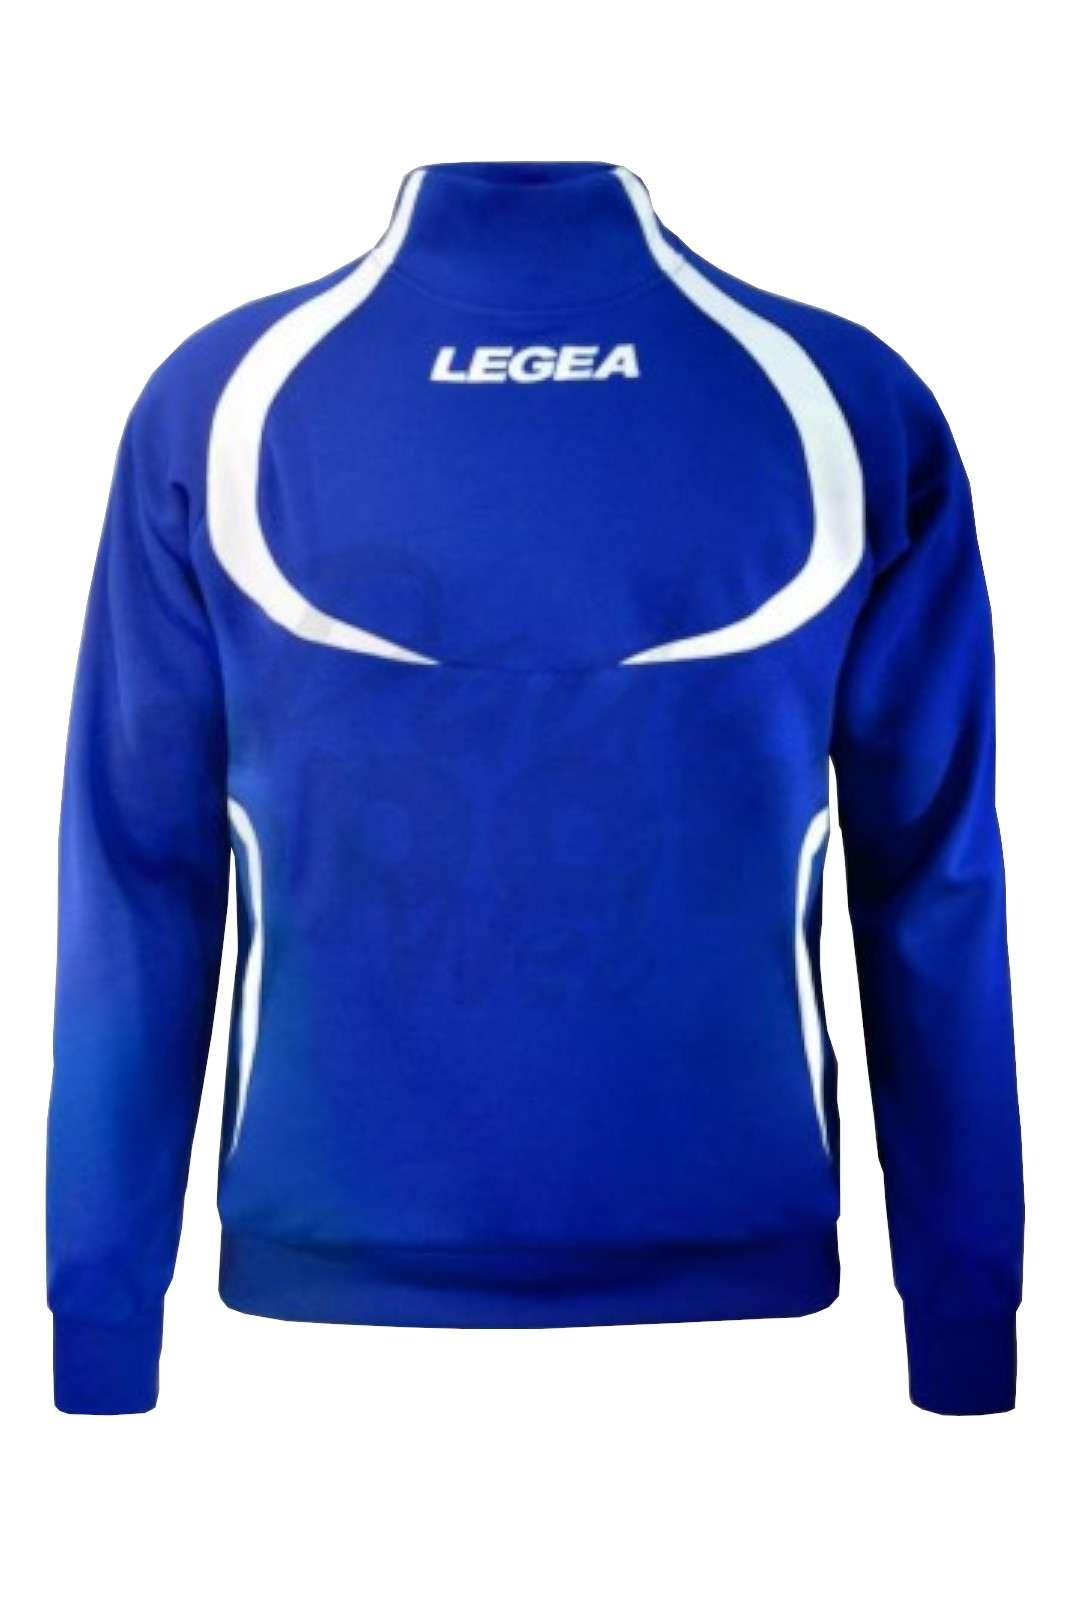 La felpa sportiva Legea Tokyo, ideale da indossare durante le sessioni di allenamento o nel pre-partita.  La giacca sportiva della linea tornado Legea si può abbinare a tutti i pantaloni legea sportivi per uomo.